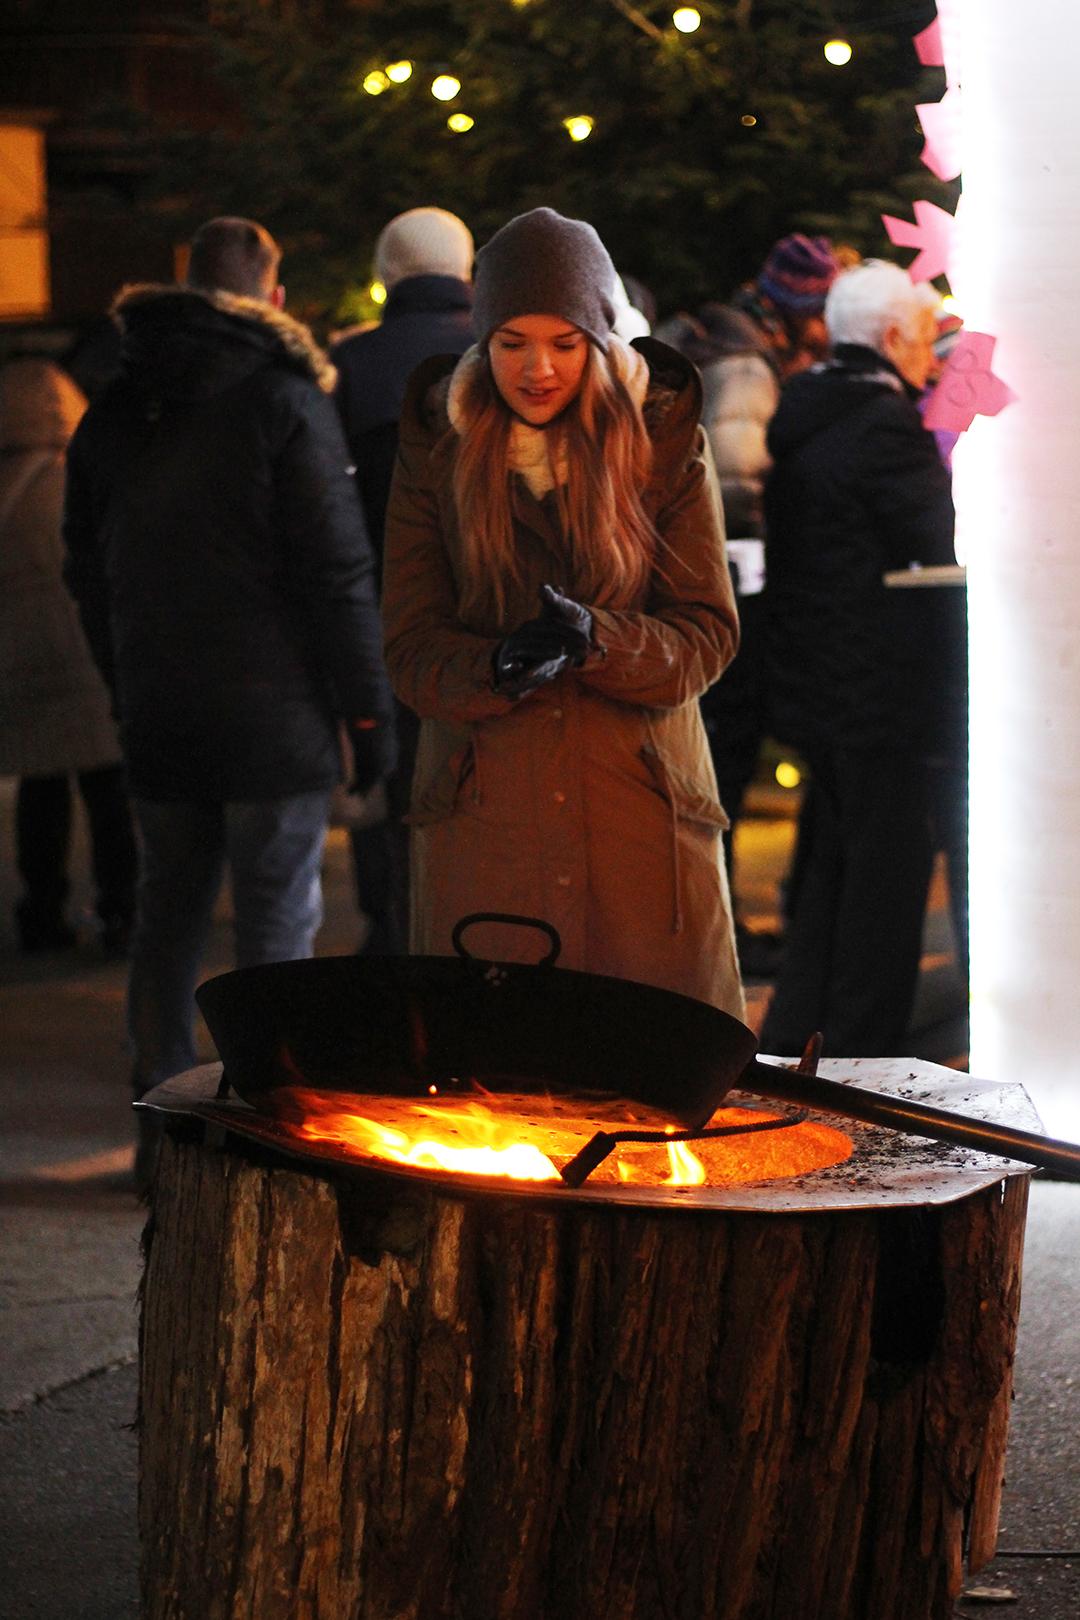 Am Christkindlmarkt in Innsbruck am Feuer